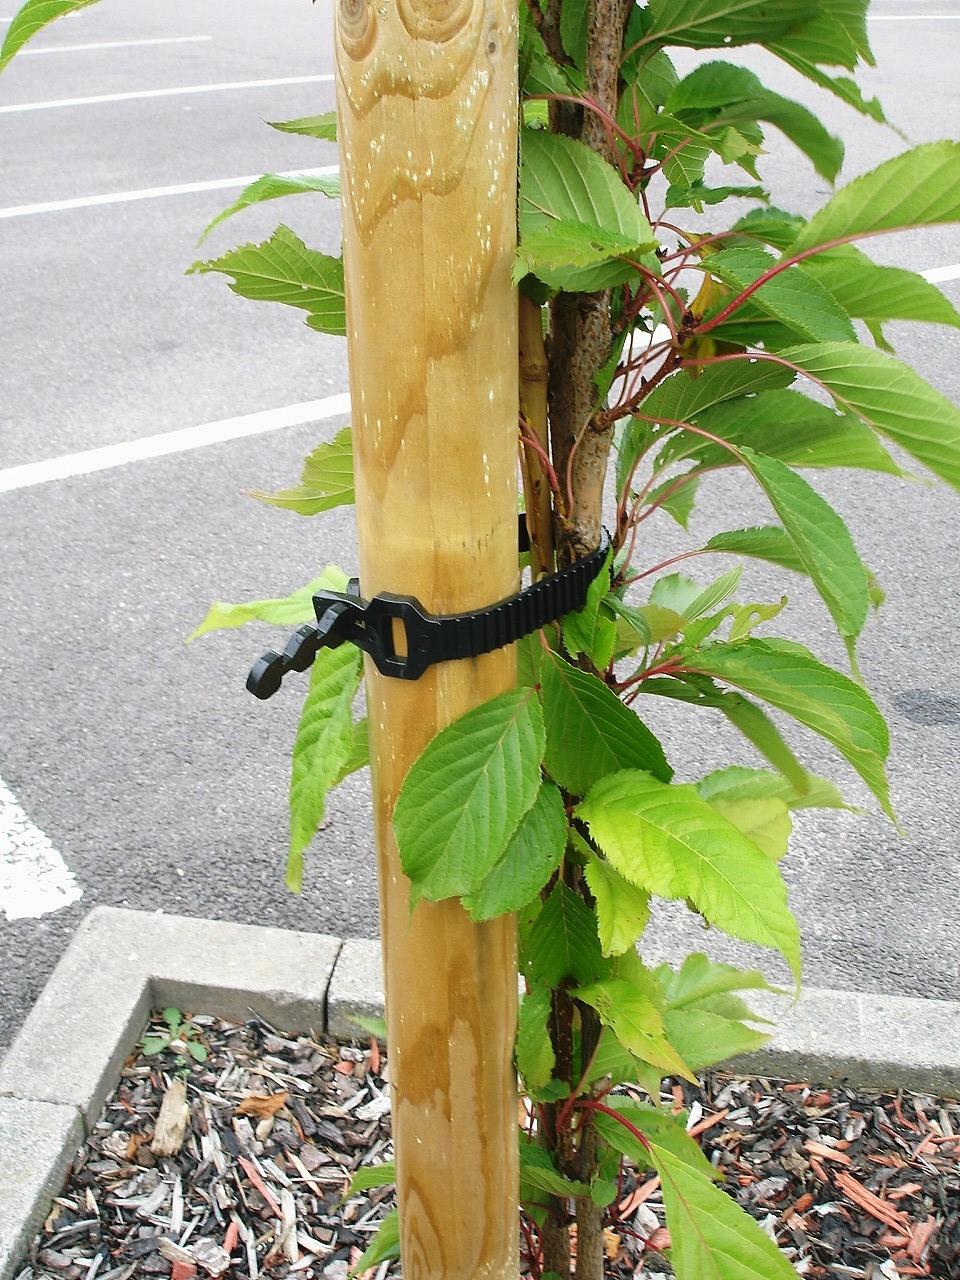 60cm HEAVY DUTY SOFT RUBBER PLANT INTERLOCKING TREE 10 SHRUB TIES